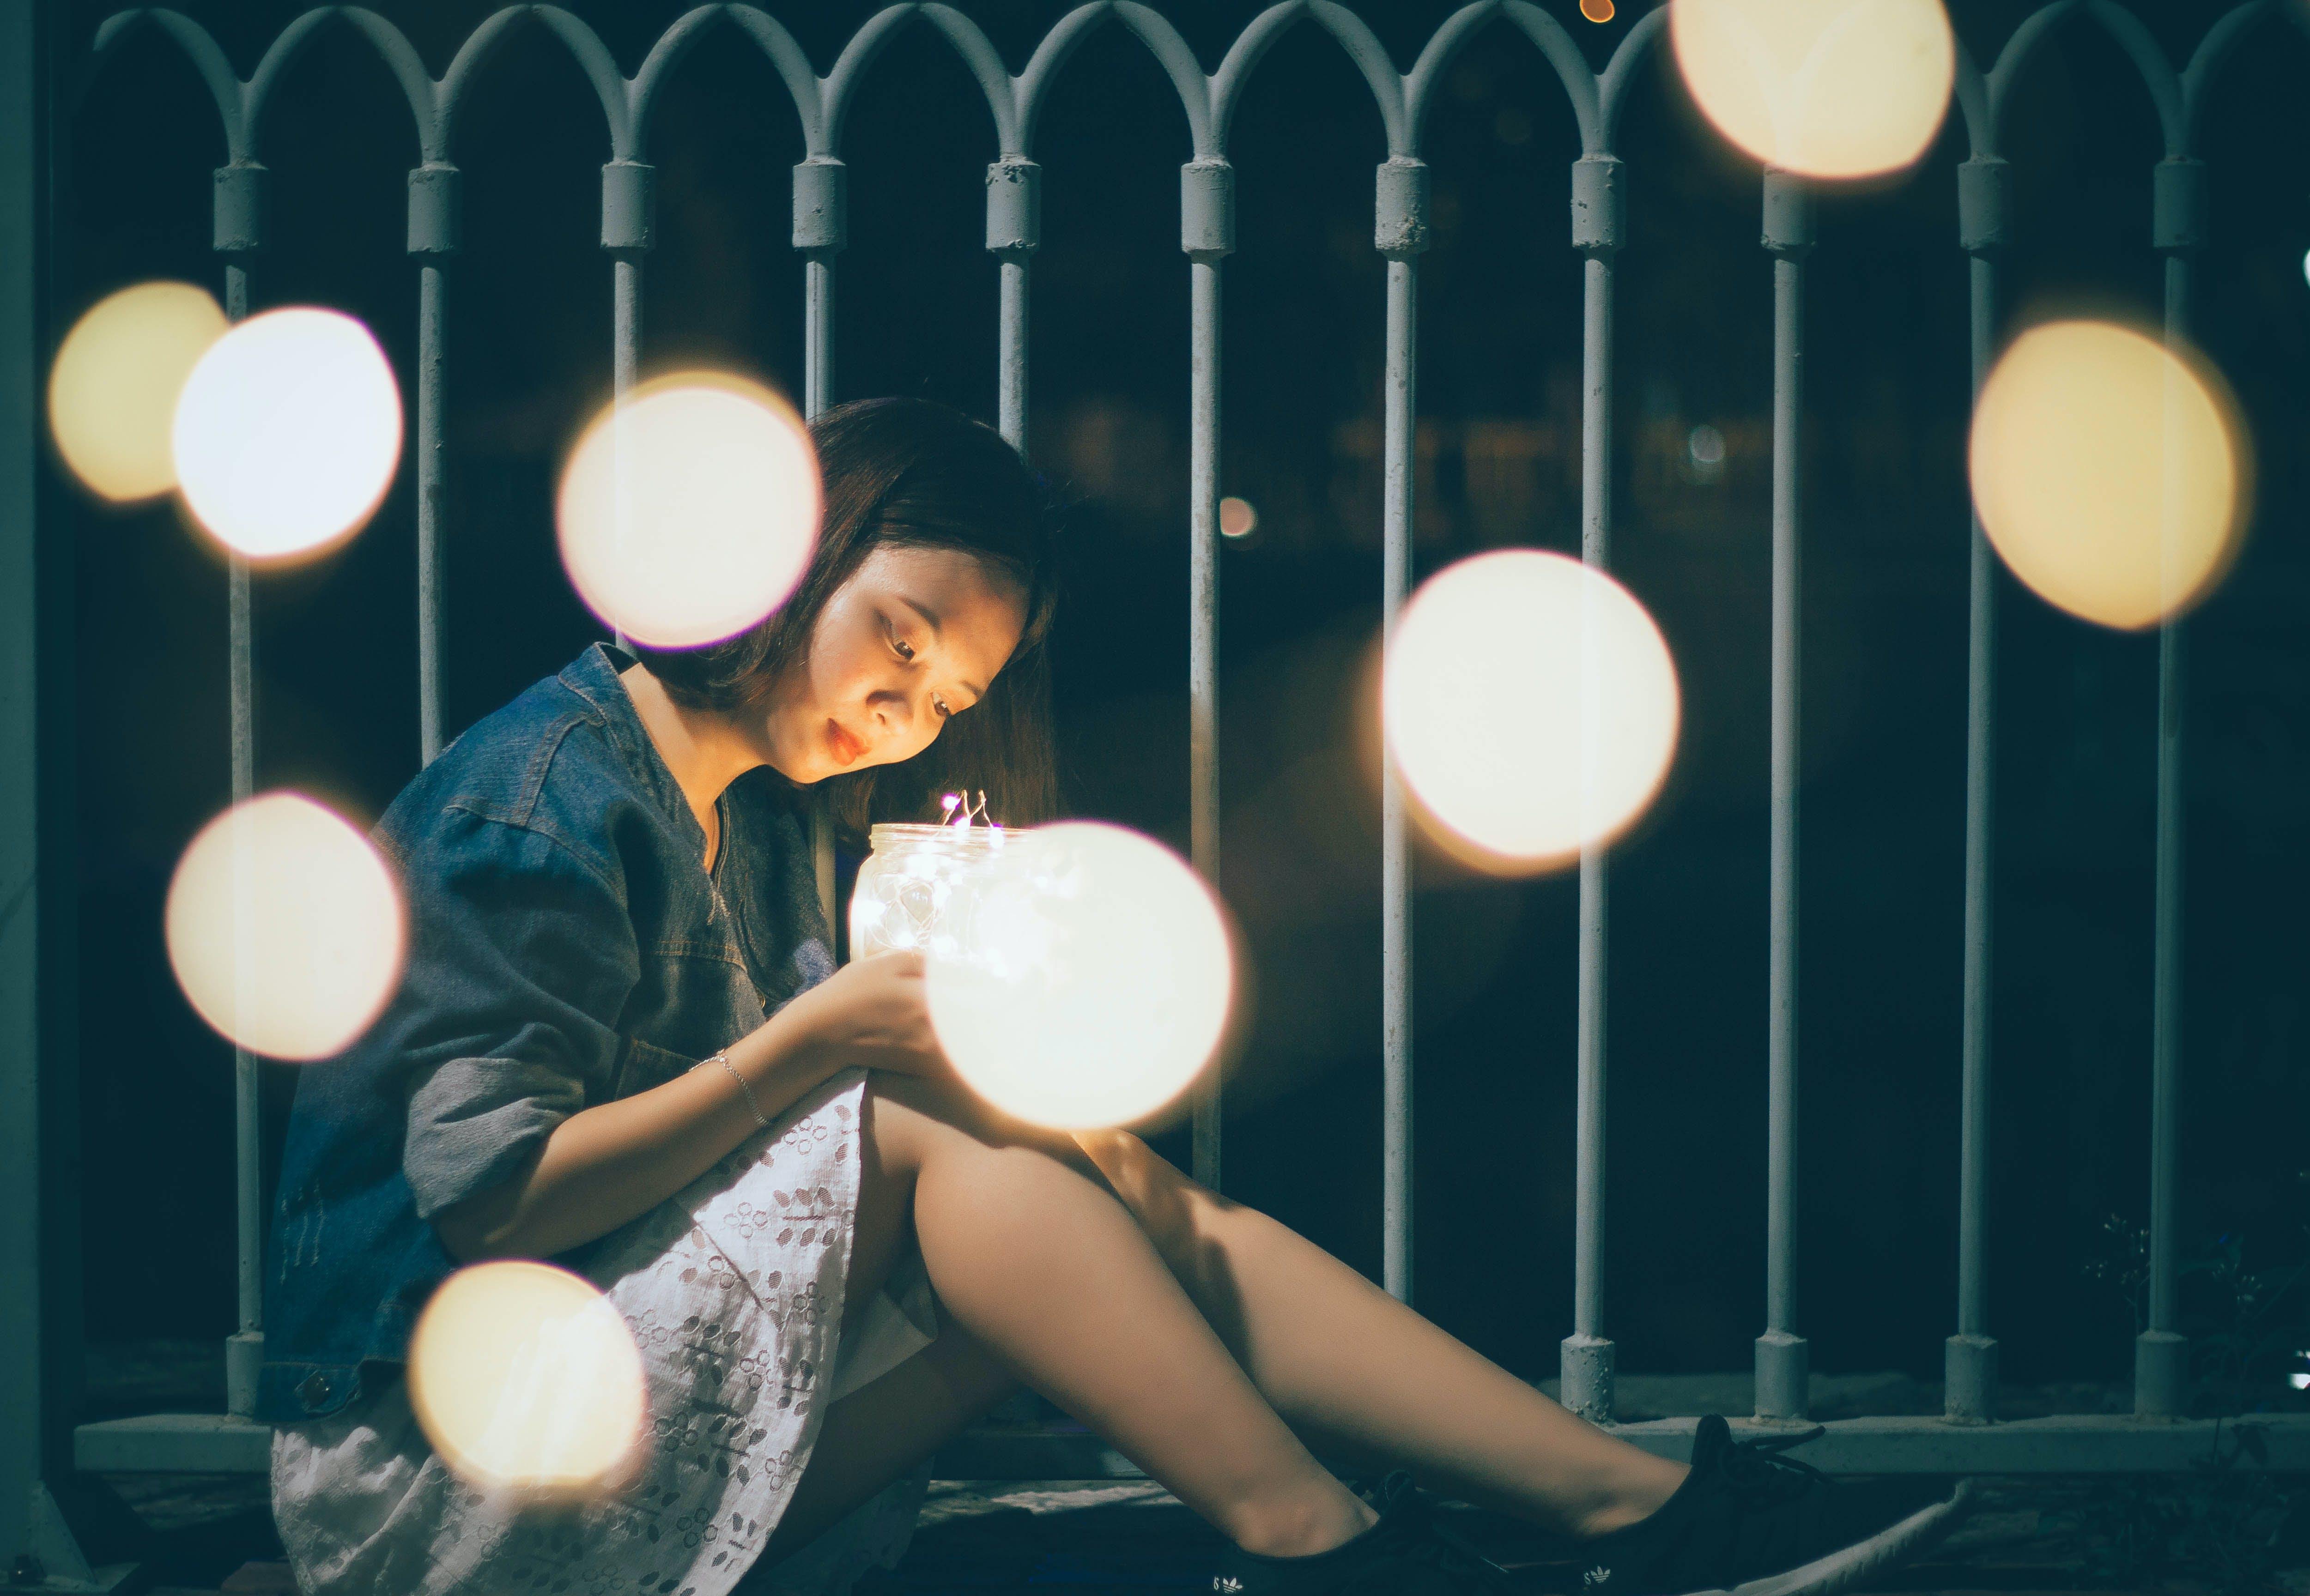 Woman Sitting Near the Rail